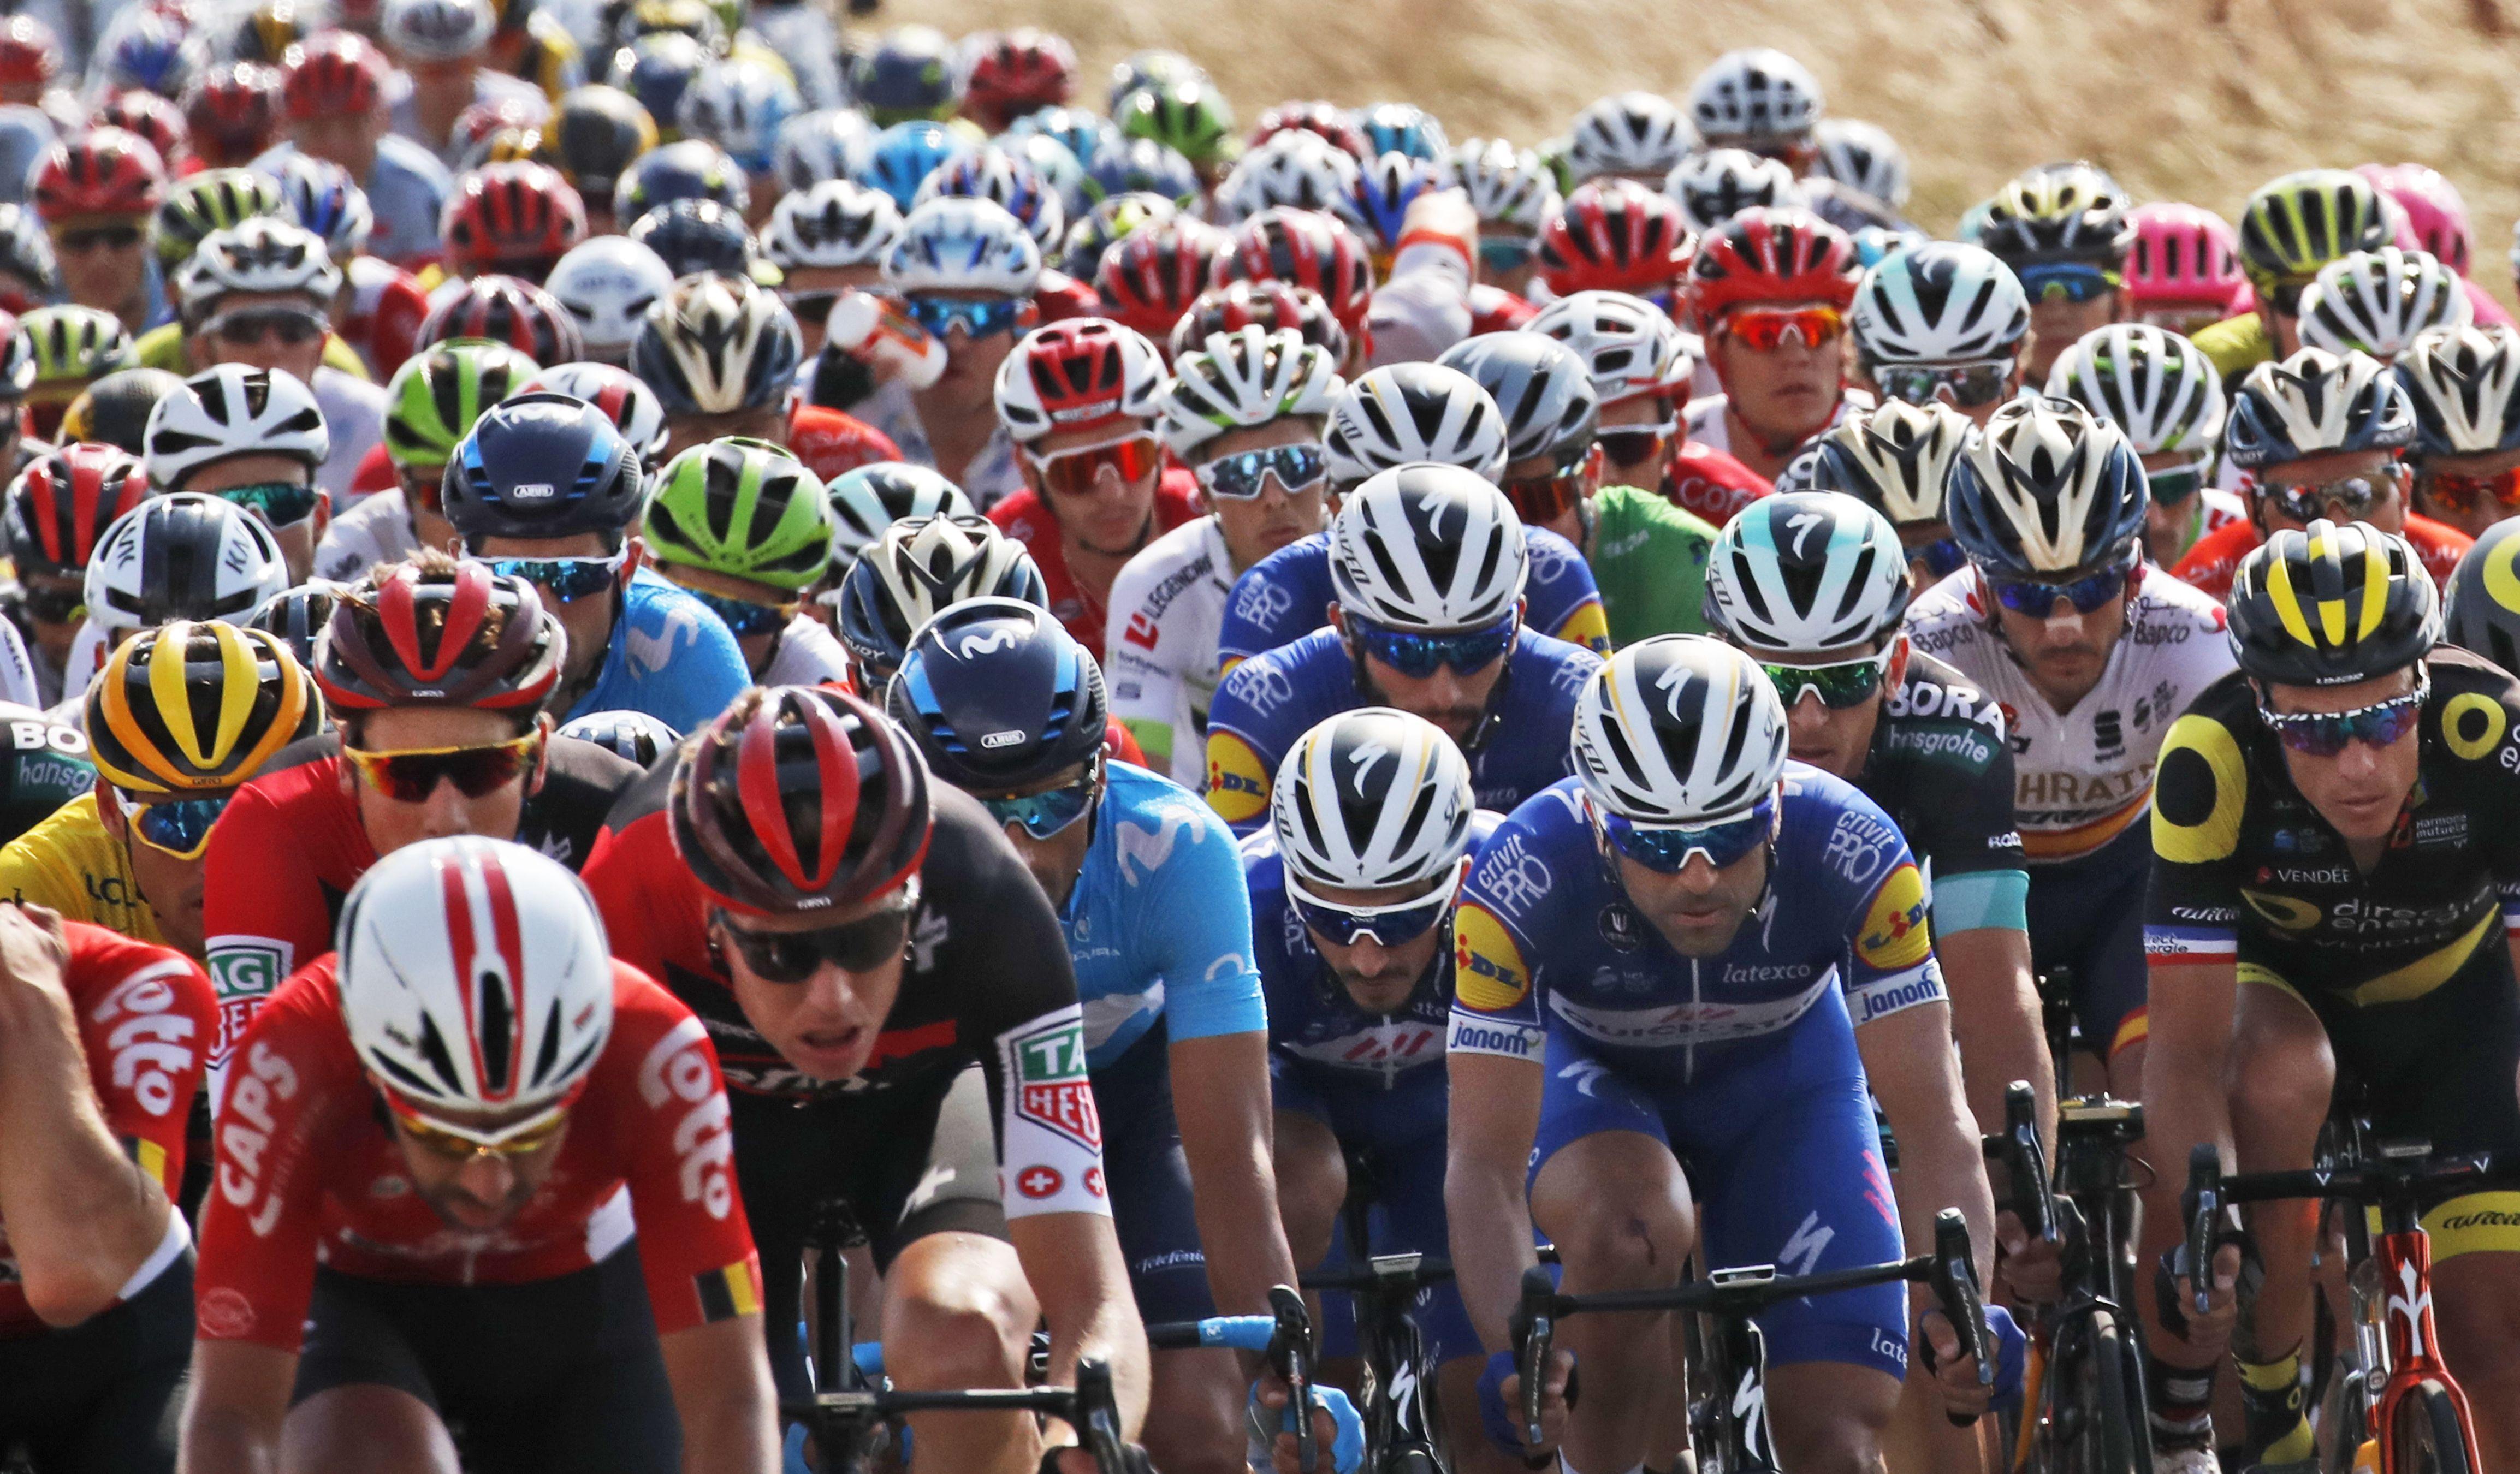 Cyclisme - Tour de France - 5 raisons de suivre la 8e étape du Tour